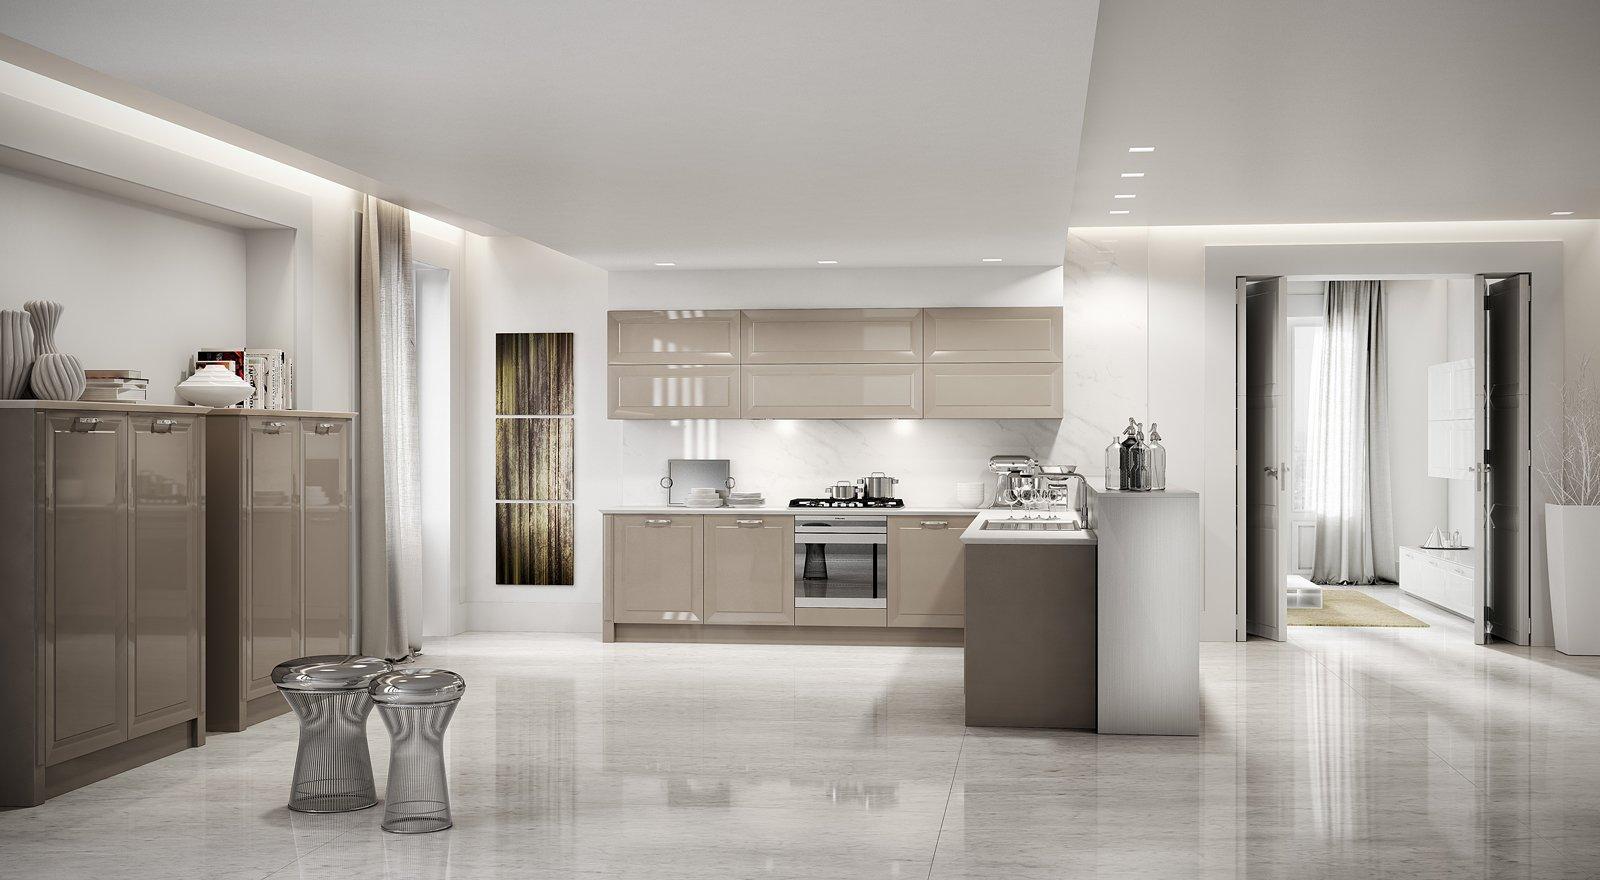 Cucine con ante riquadrate o a telaio cose di casa - Cucine berloni classiche catalogo ...